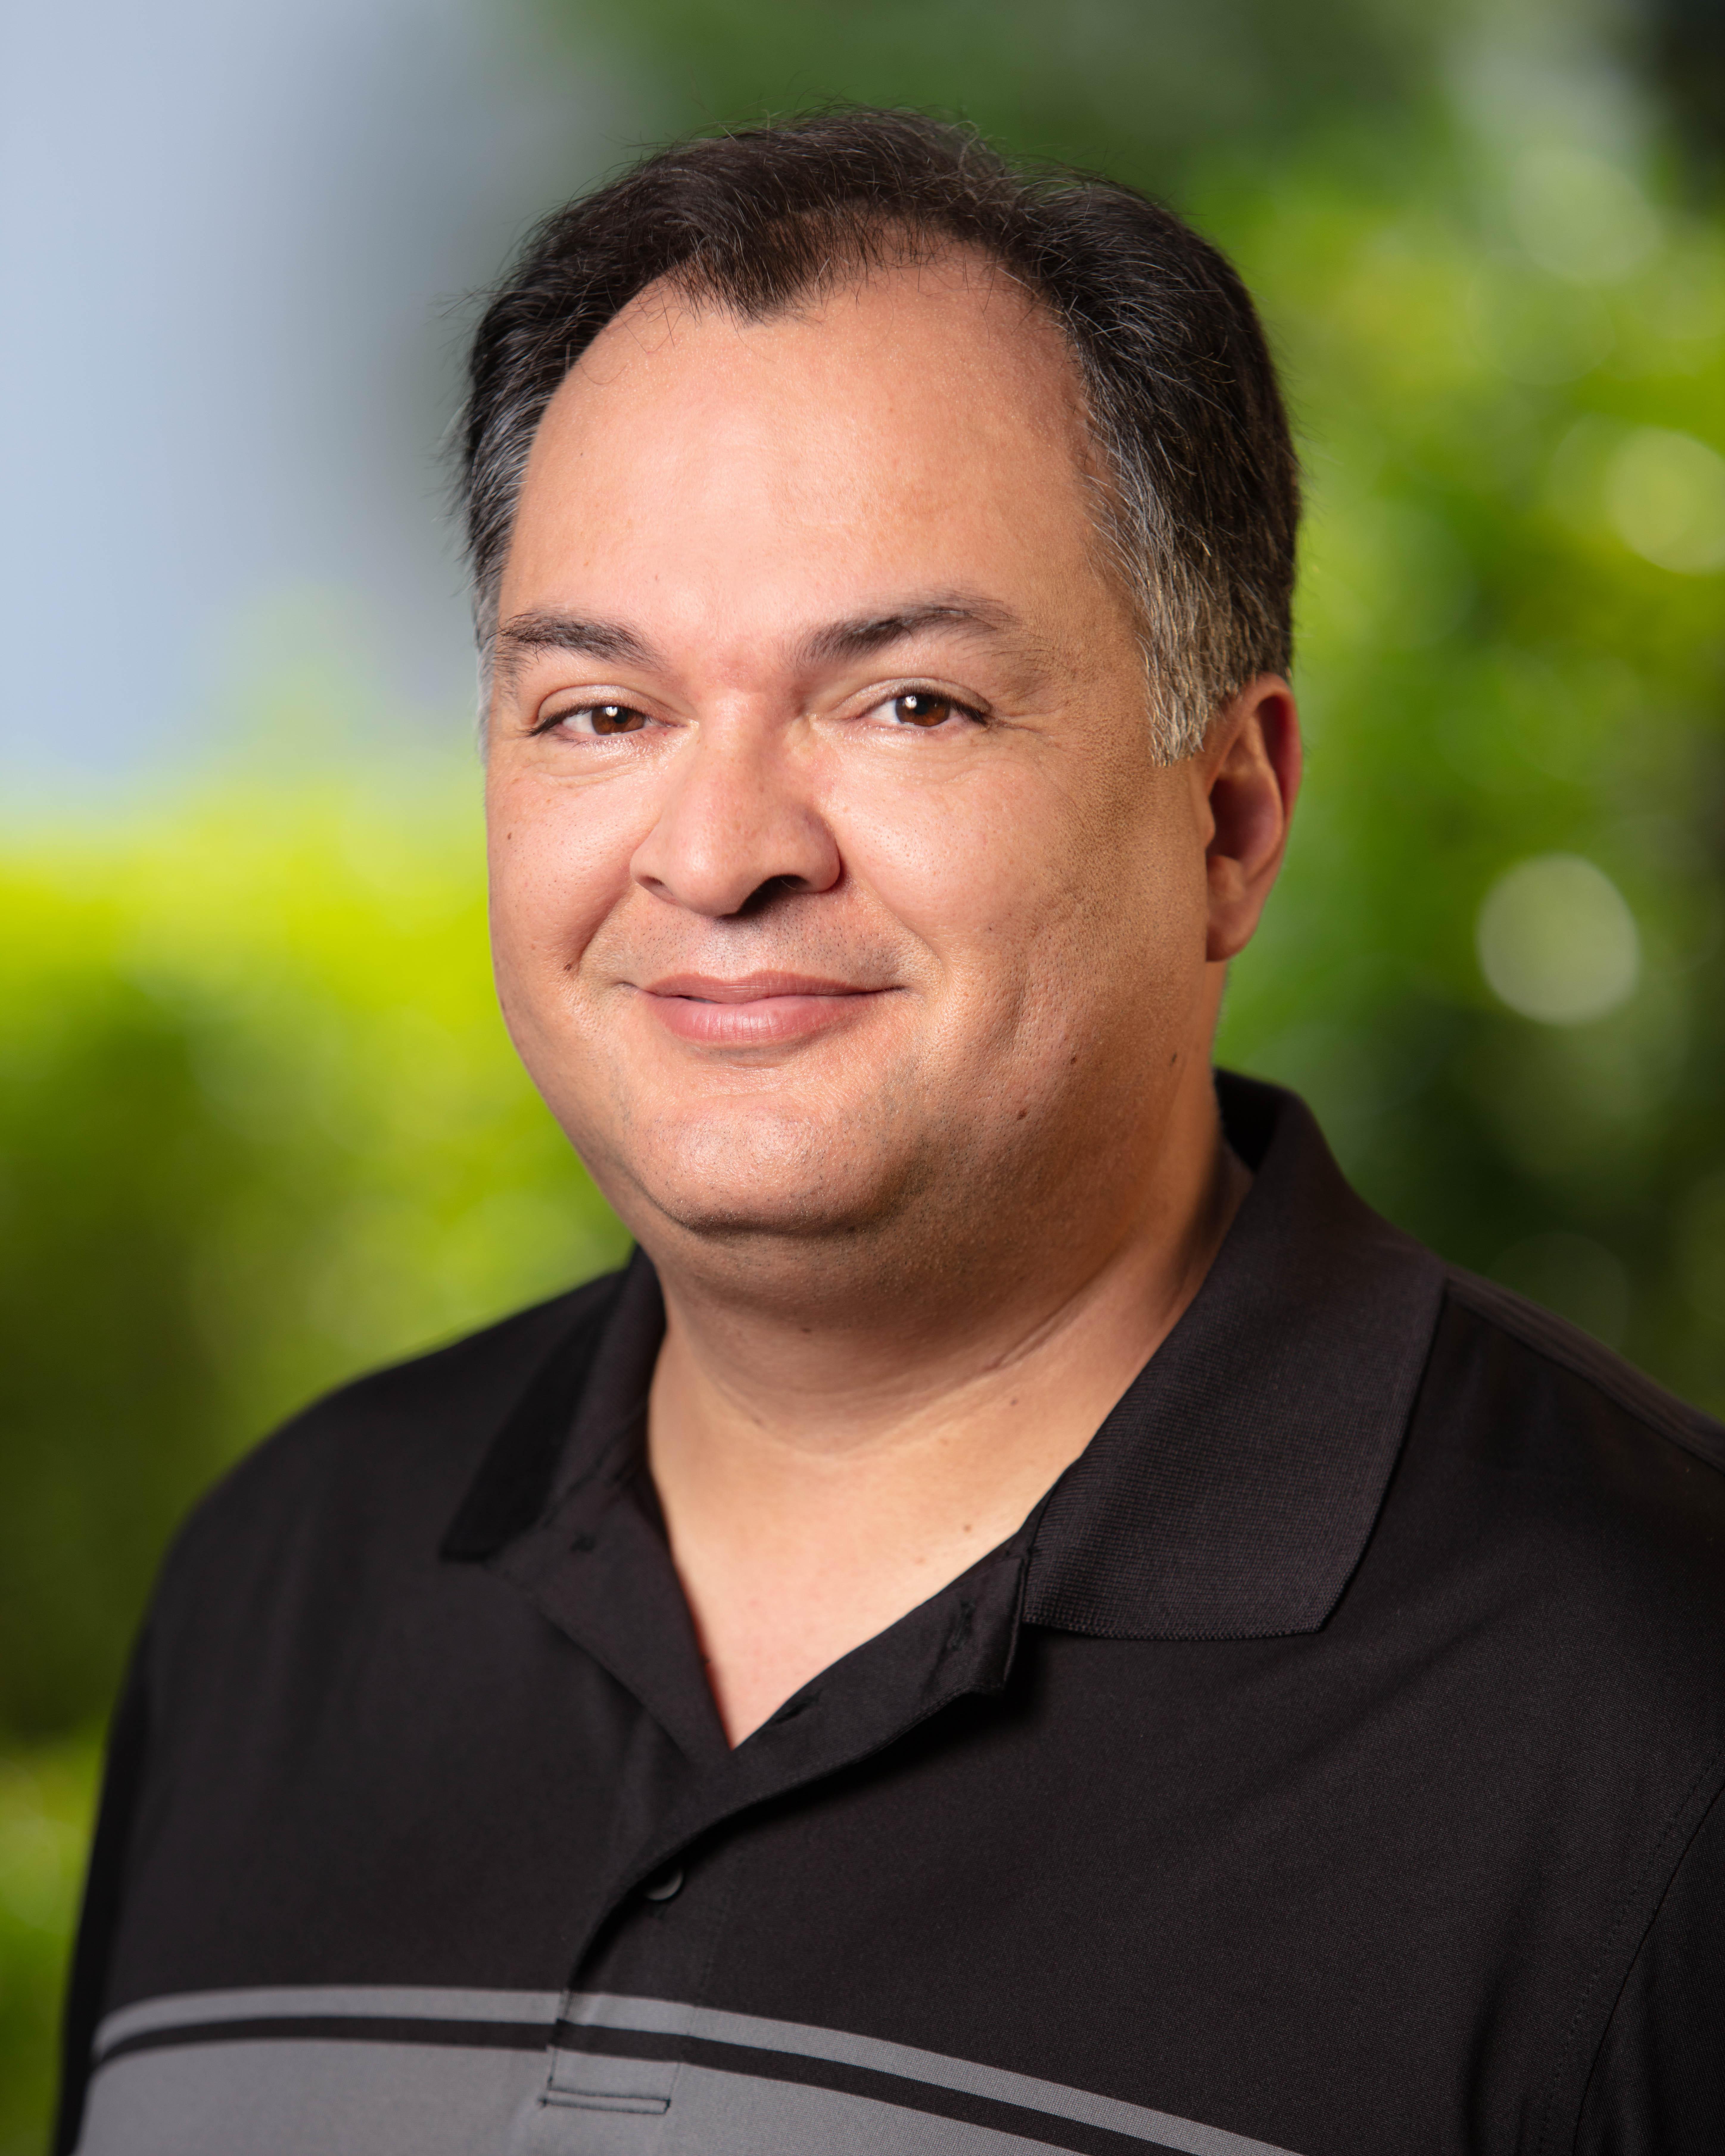 Dave Cabrera